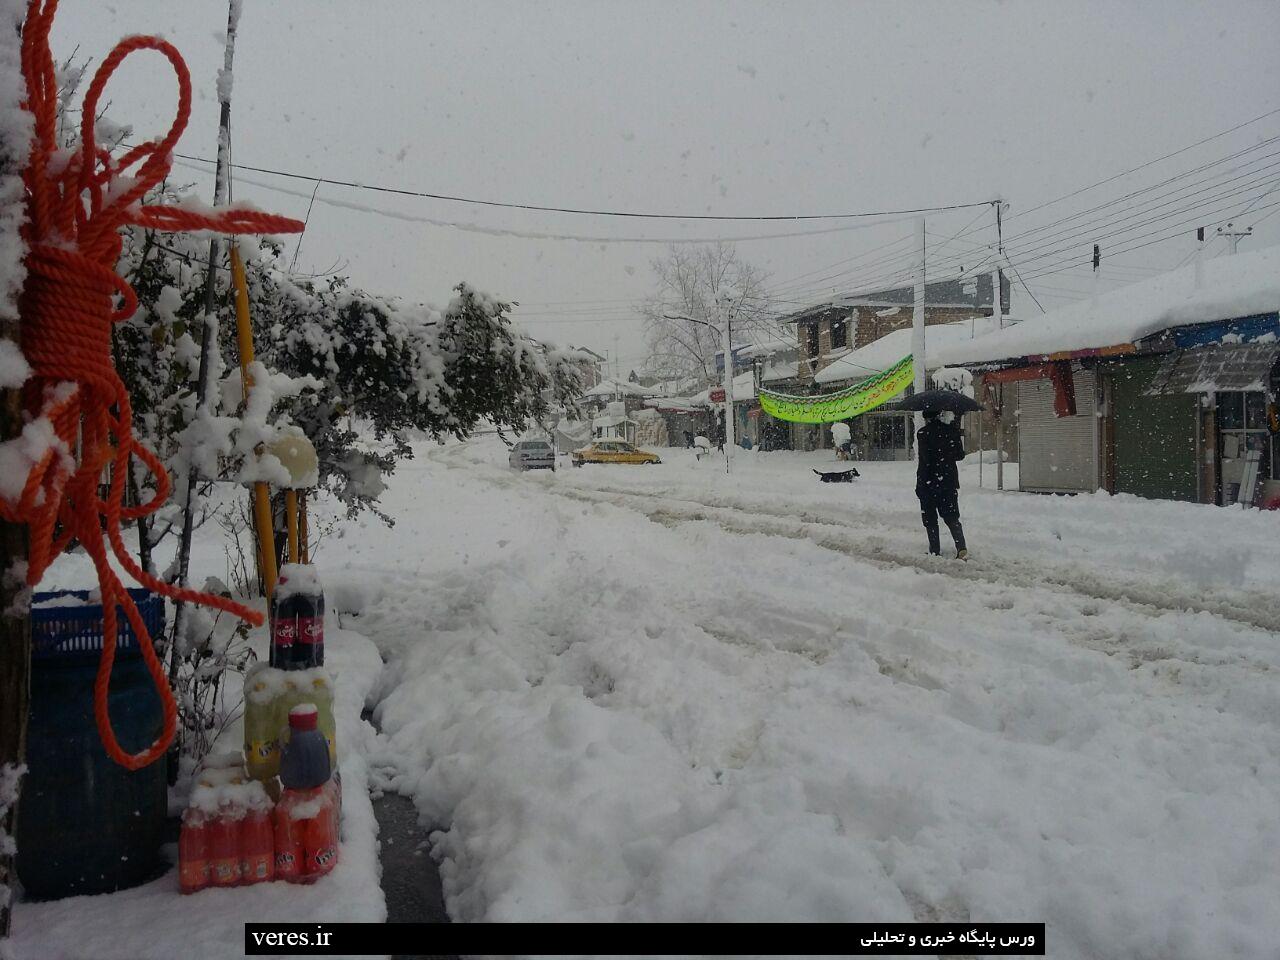 جیرده در یک روز برفی